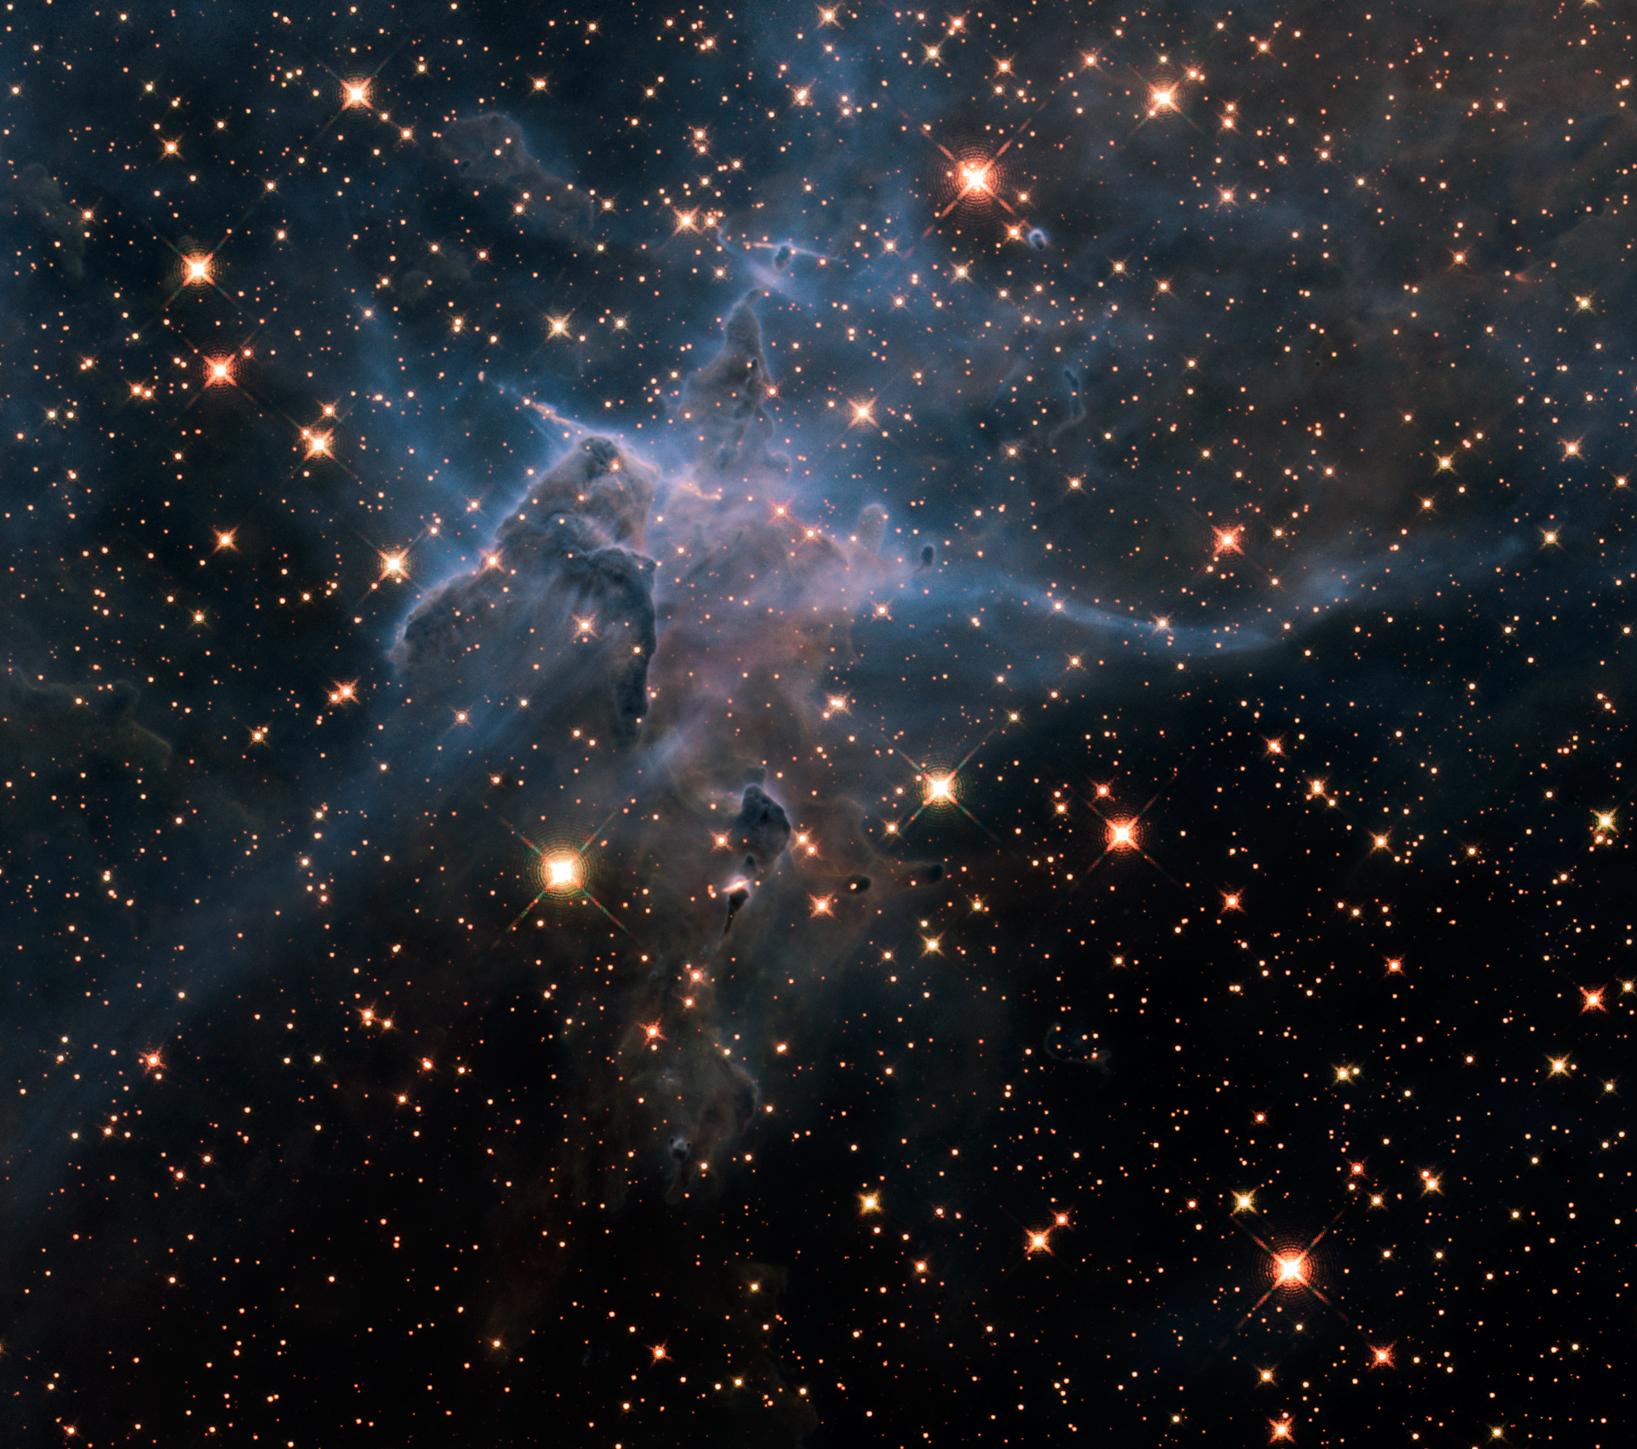 Tak wygląda mapa wszechświata, która została wykonana za pomocą 570-megapikselowego aparatu cyfrowego